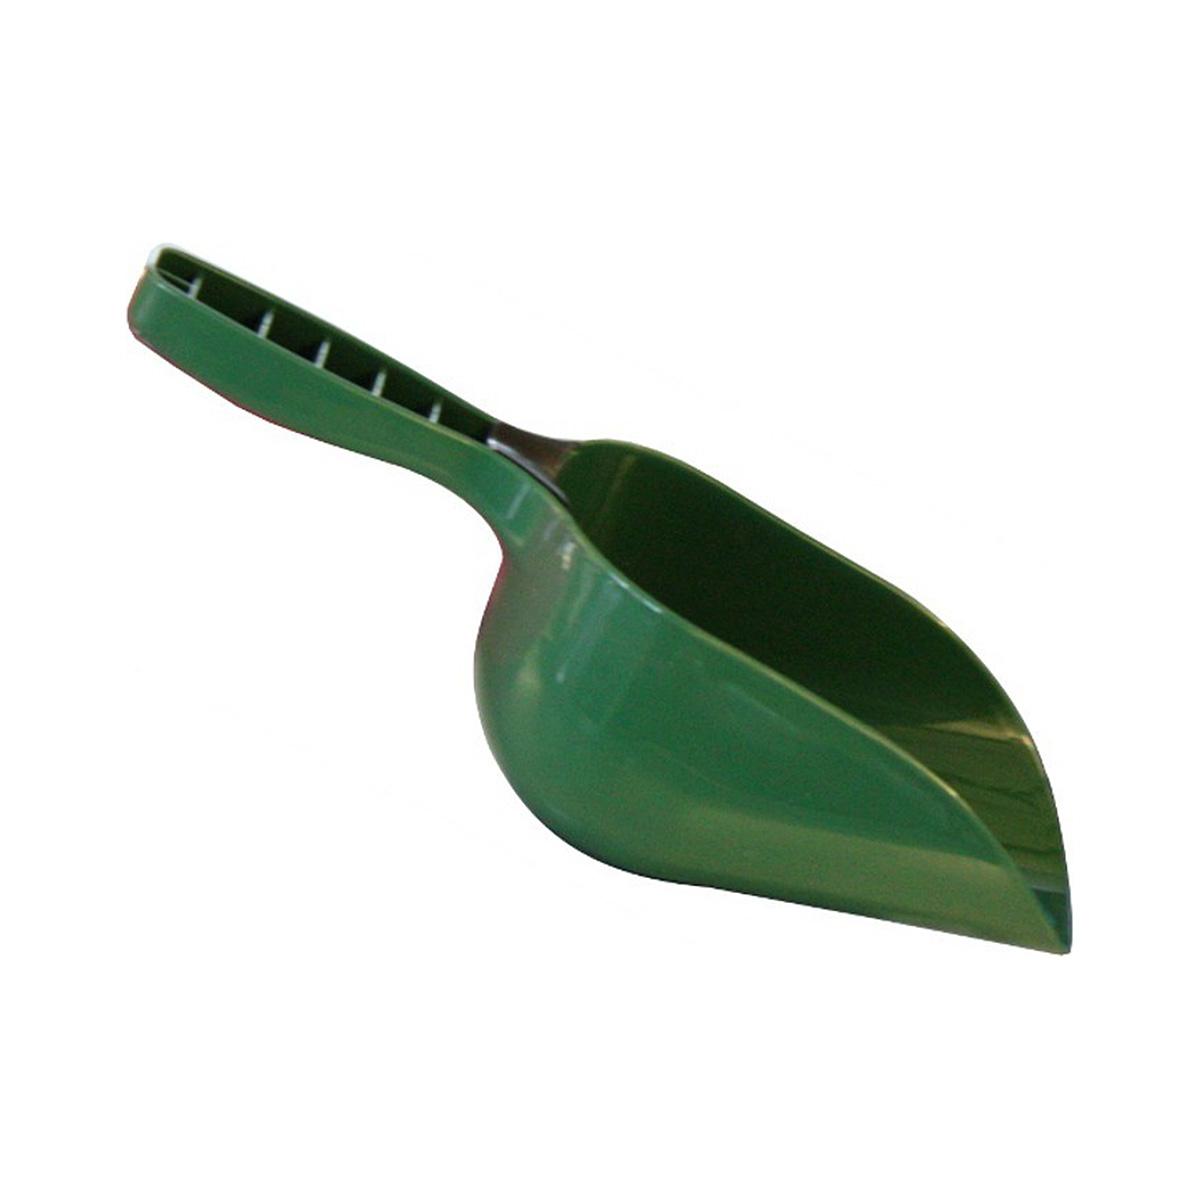 Pelle de jardinage verte